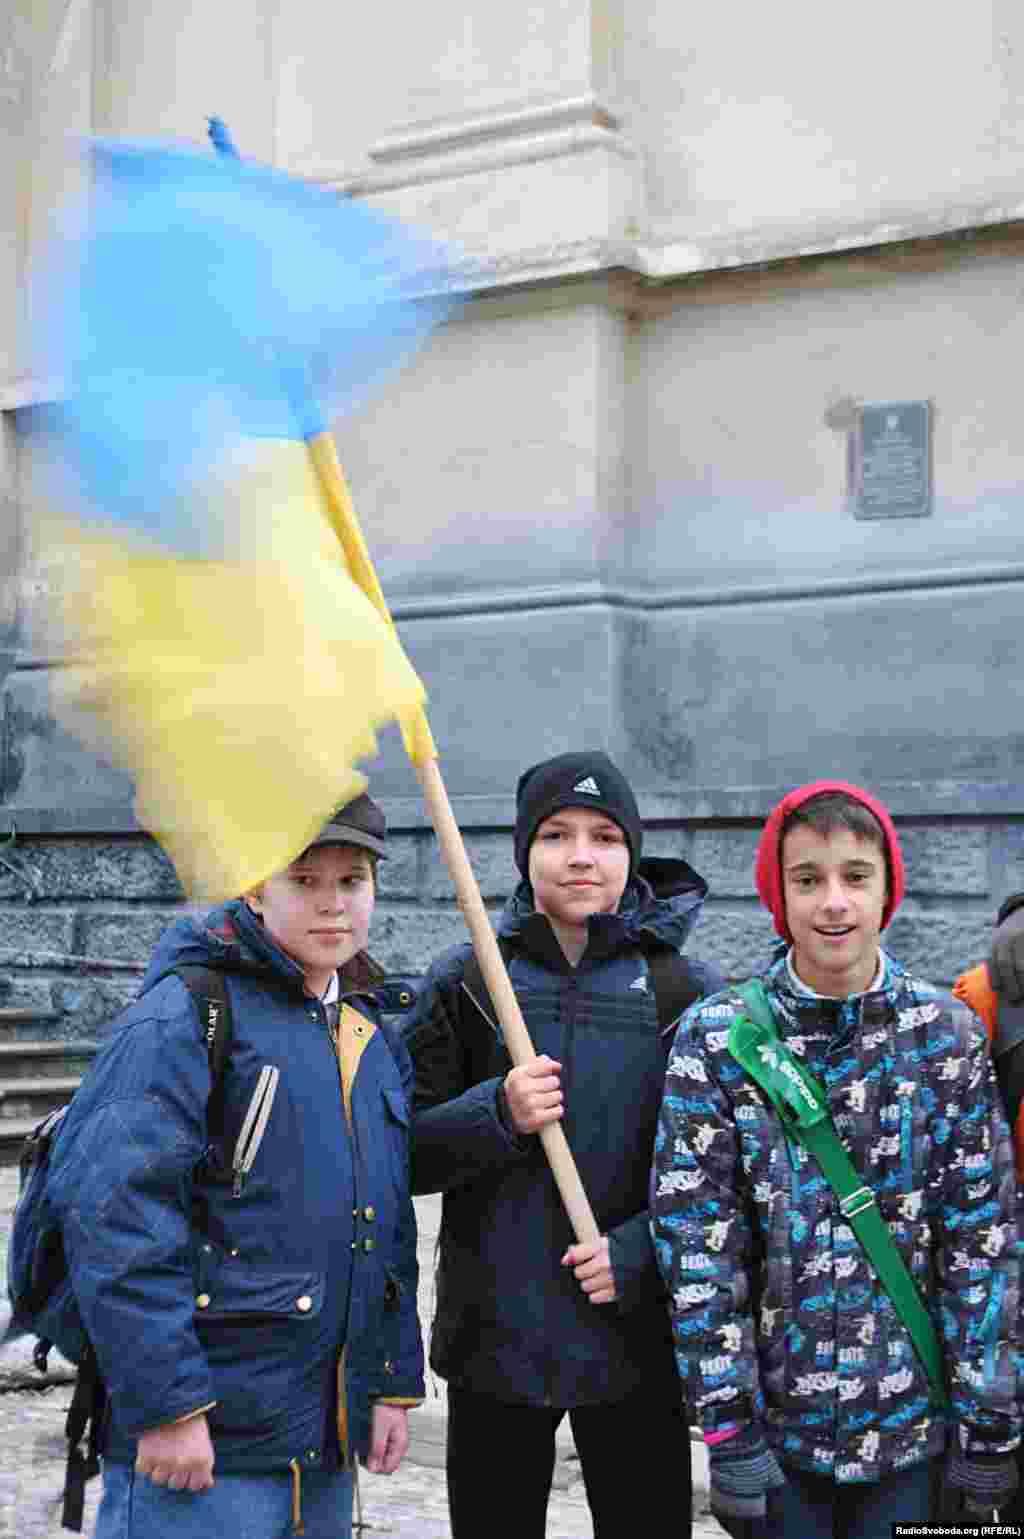 Семикласники Марко, Северин і Андрій збираються на львівський майдан, бо для них Європа – це новий порядок в країні, освіта і дешевий одяг з Польщі